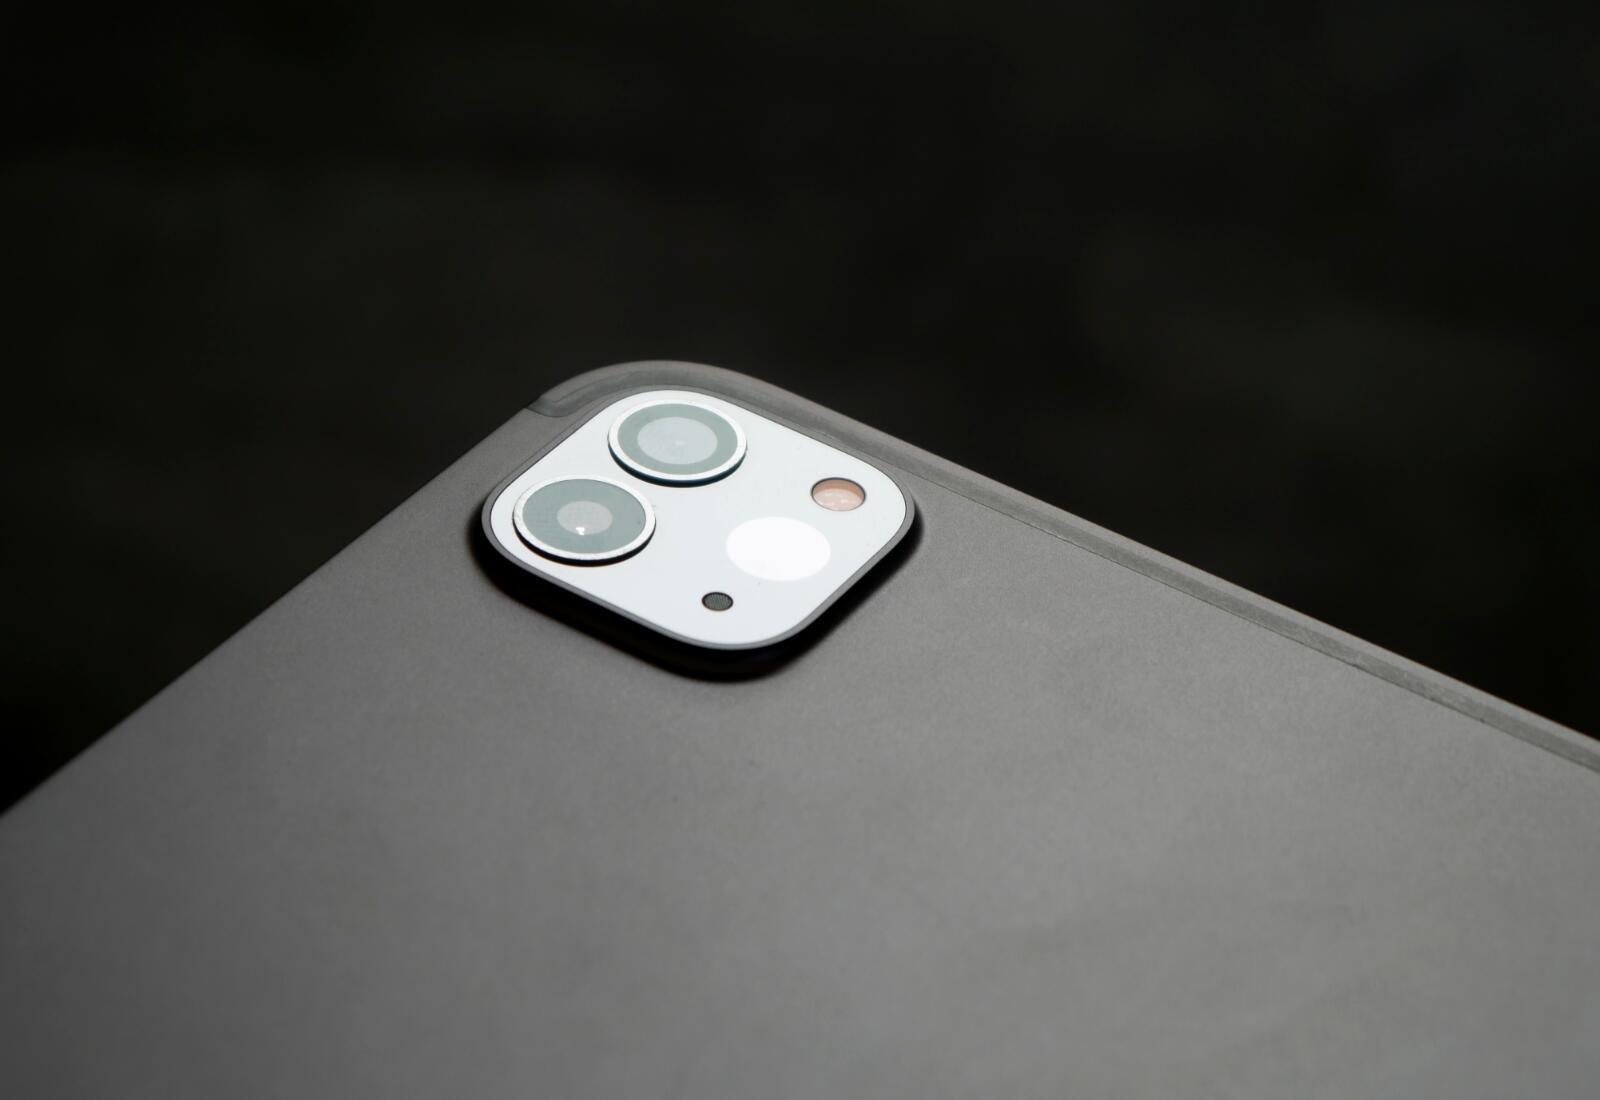 Apple Ipad Pro 2020 Kamera